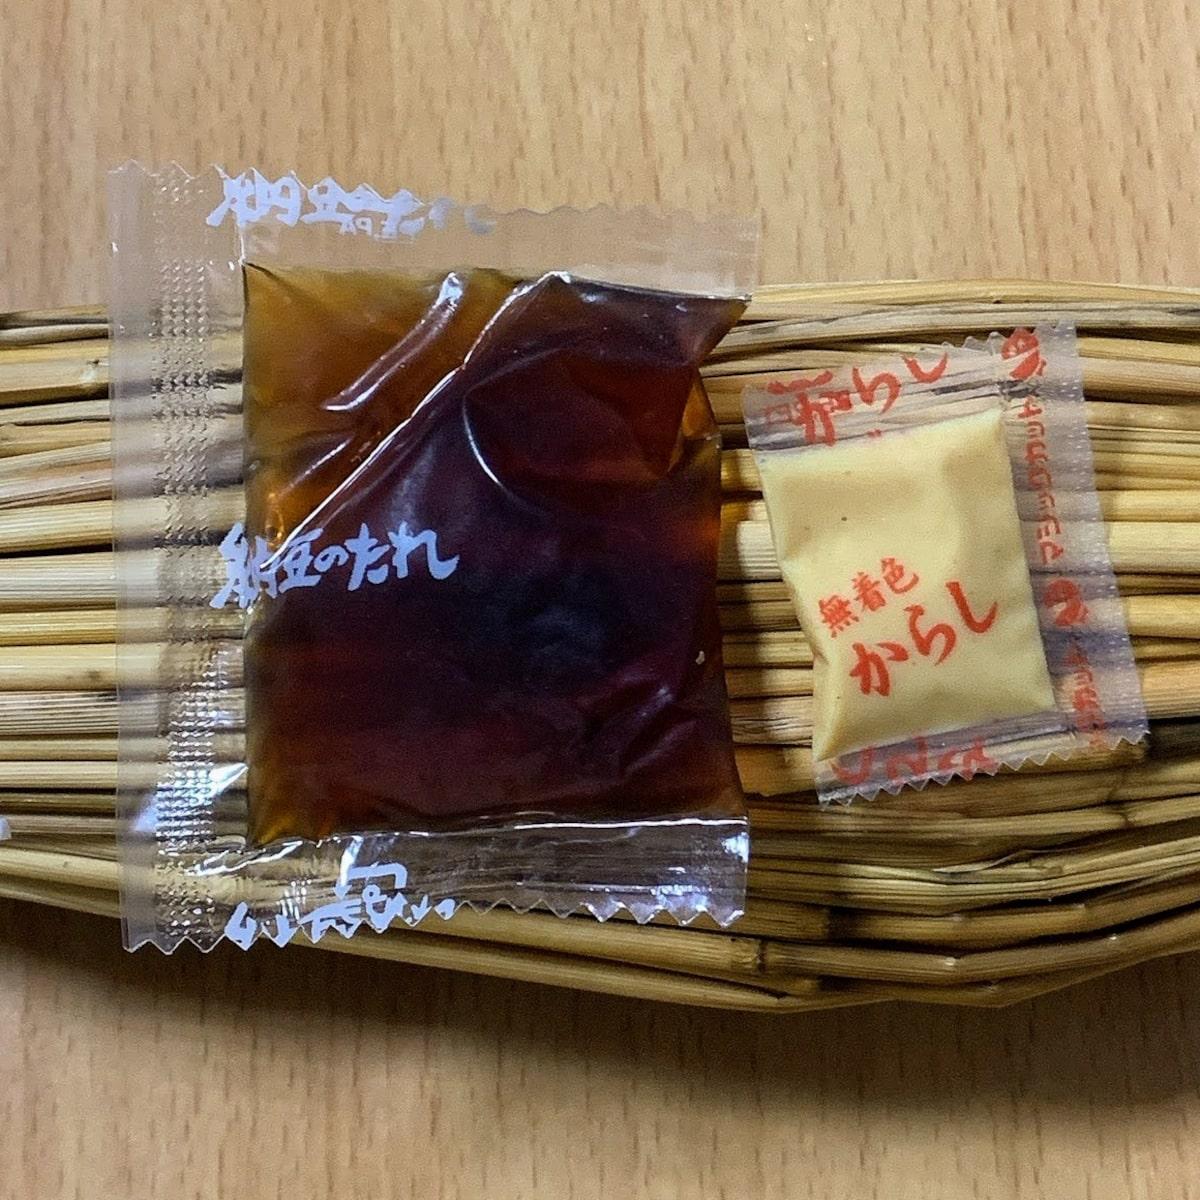 だるま食品「わら納豆」の、たれとからしの画像